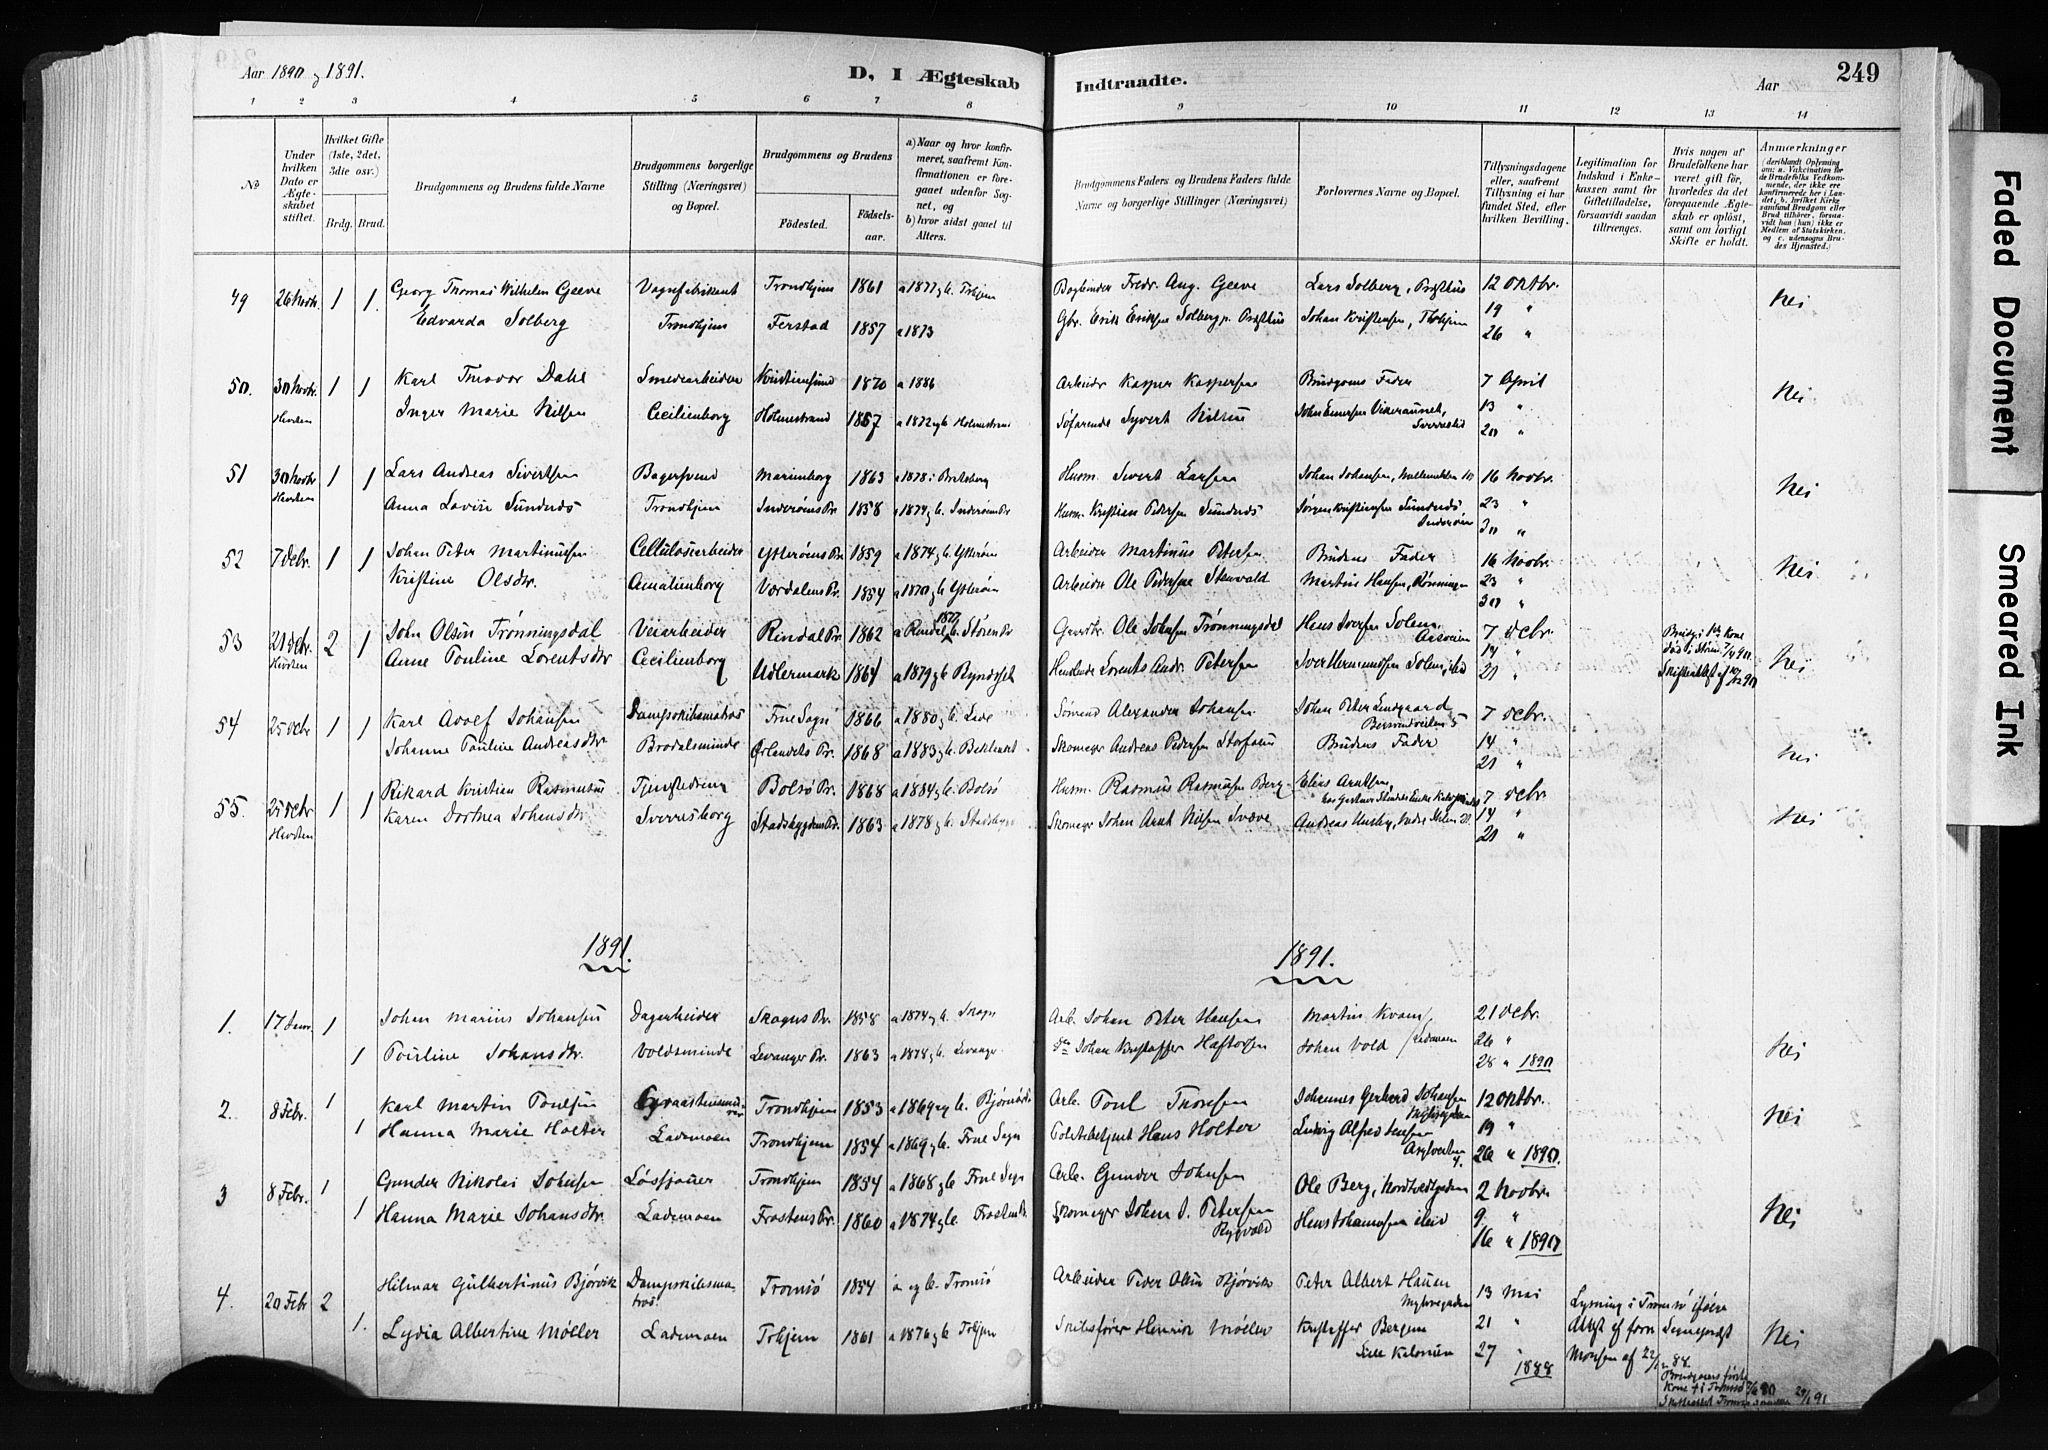 SAT, Ministerialprotokoller, klokkerbøker og fødselsregistre - Sør-Trøndelag, 606/L0300: Ministerialbok nr. 606A15, 1886-1893, s. 249